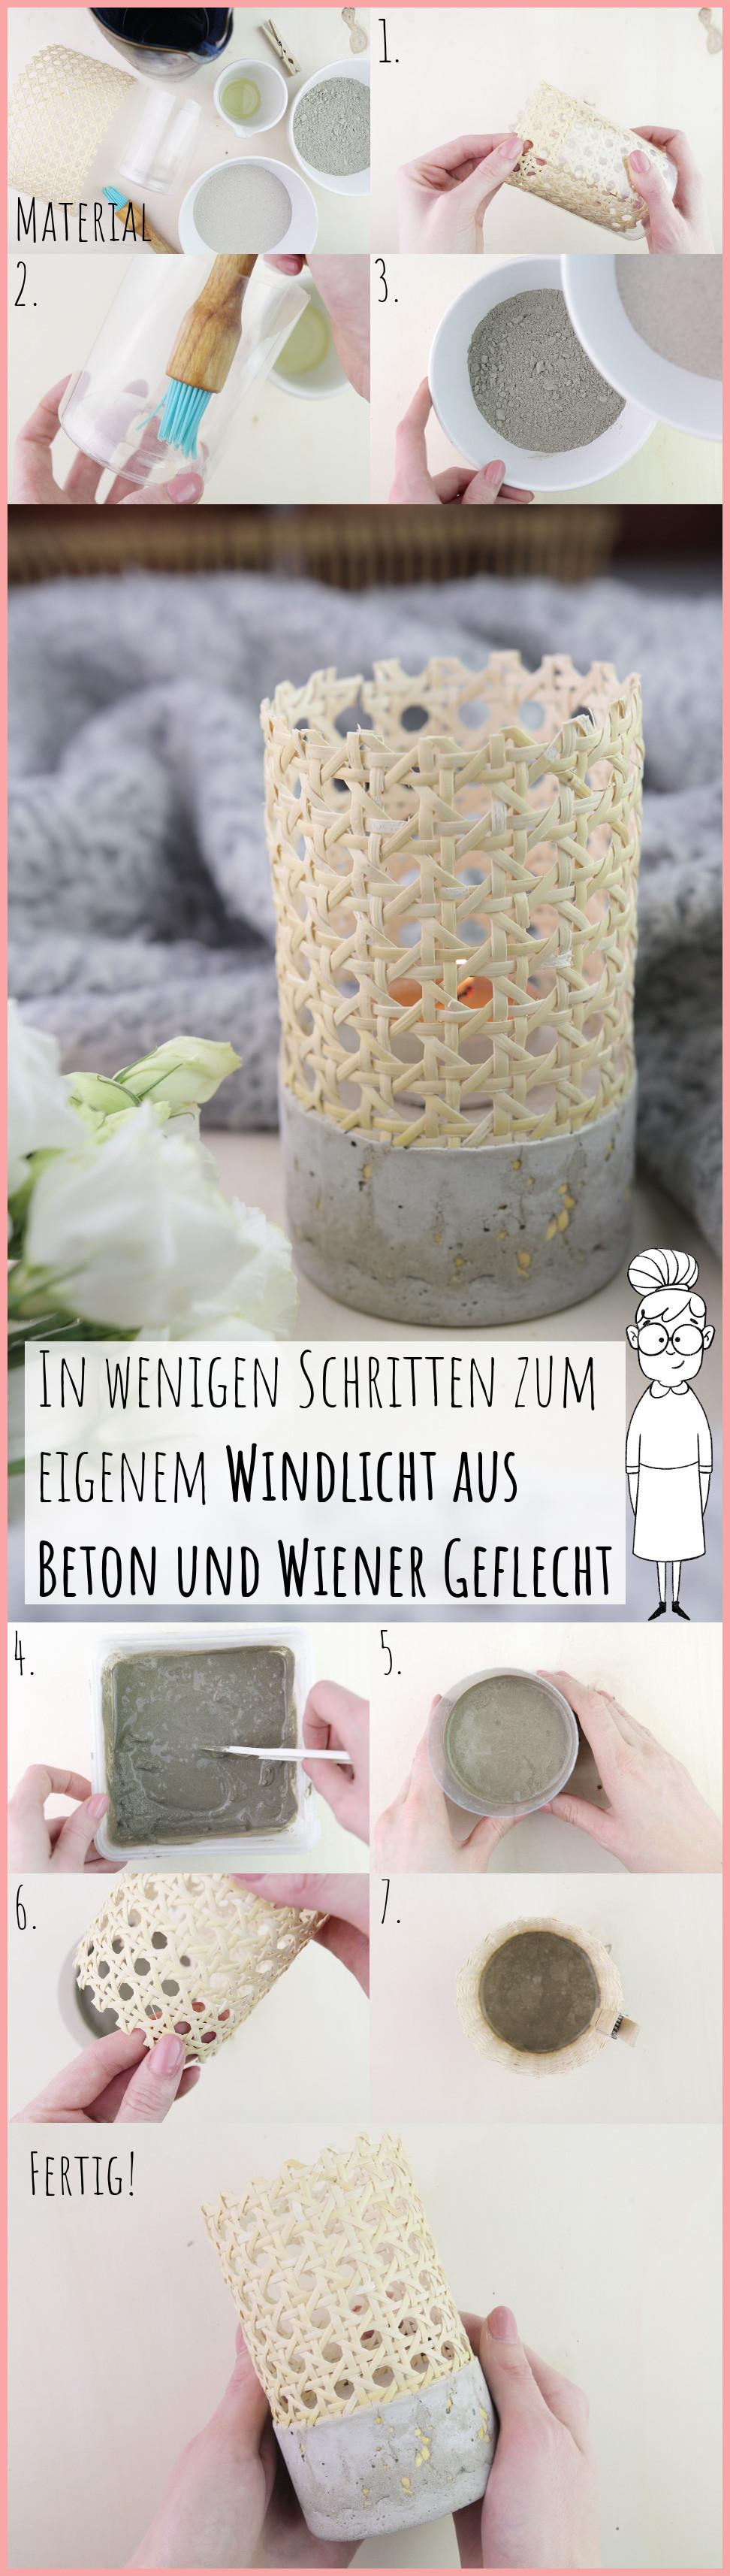 Betonwindlicht mit Wiener Geflecht selber machen mit frau friemel - Gesamtanleitung